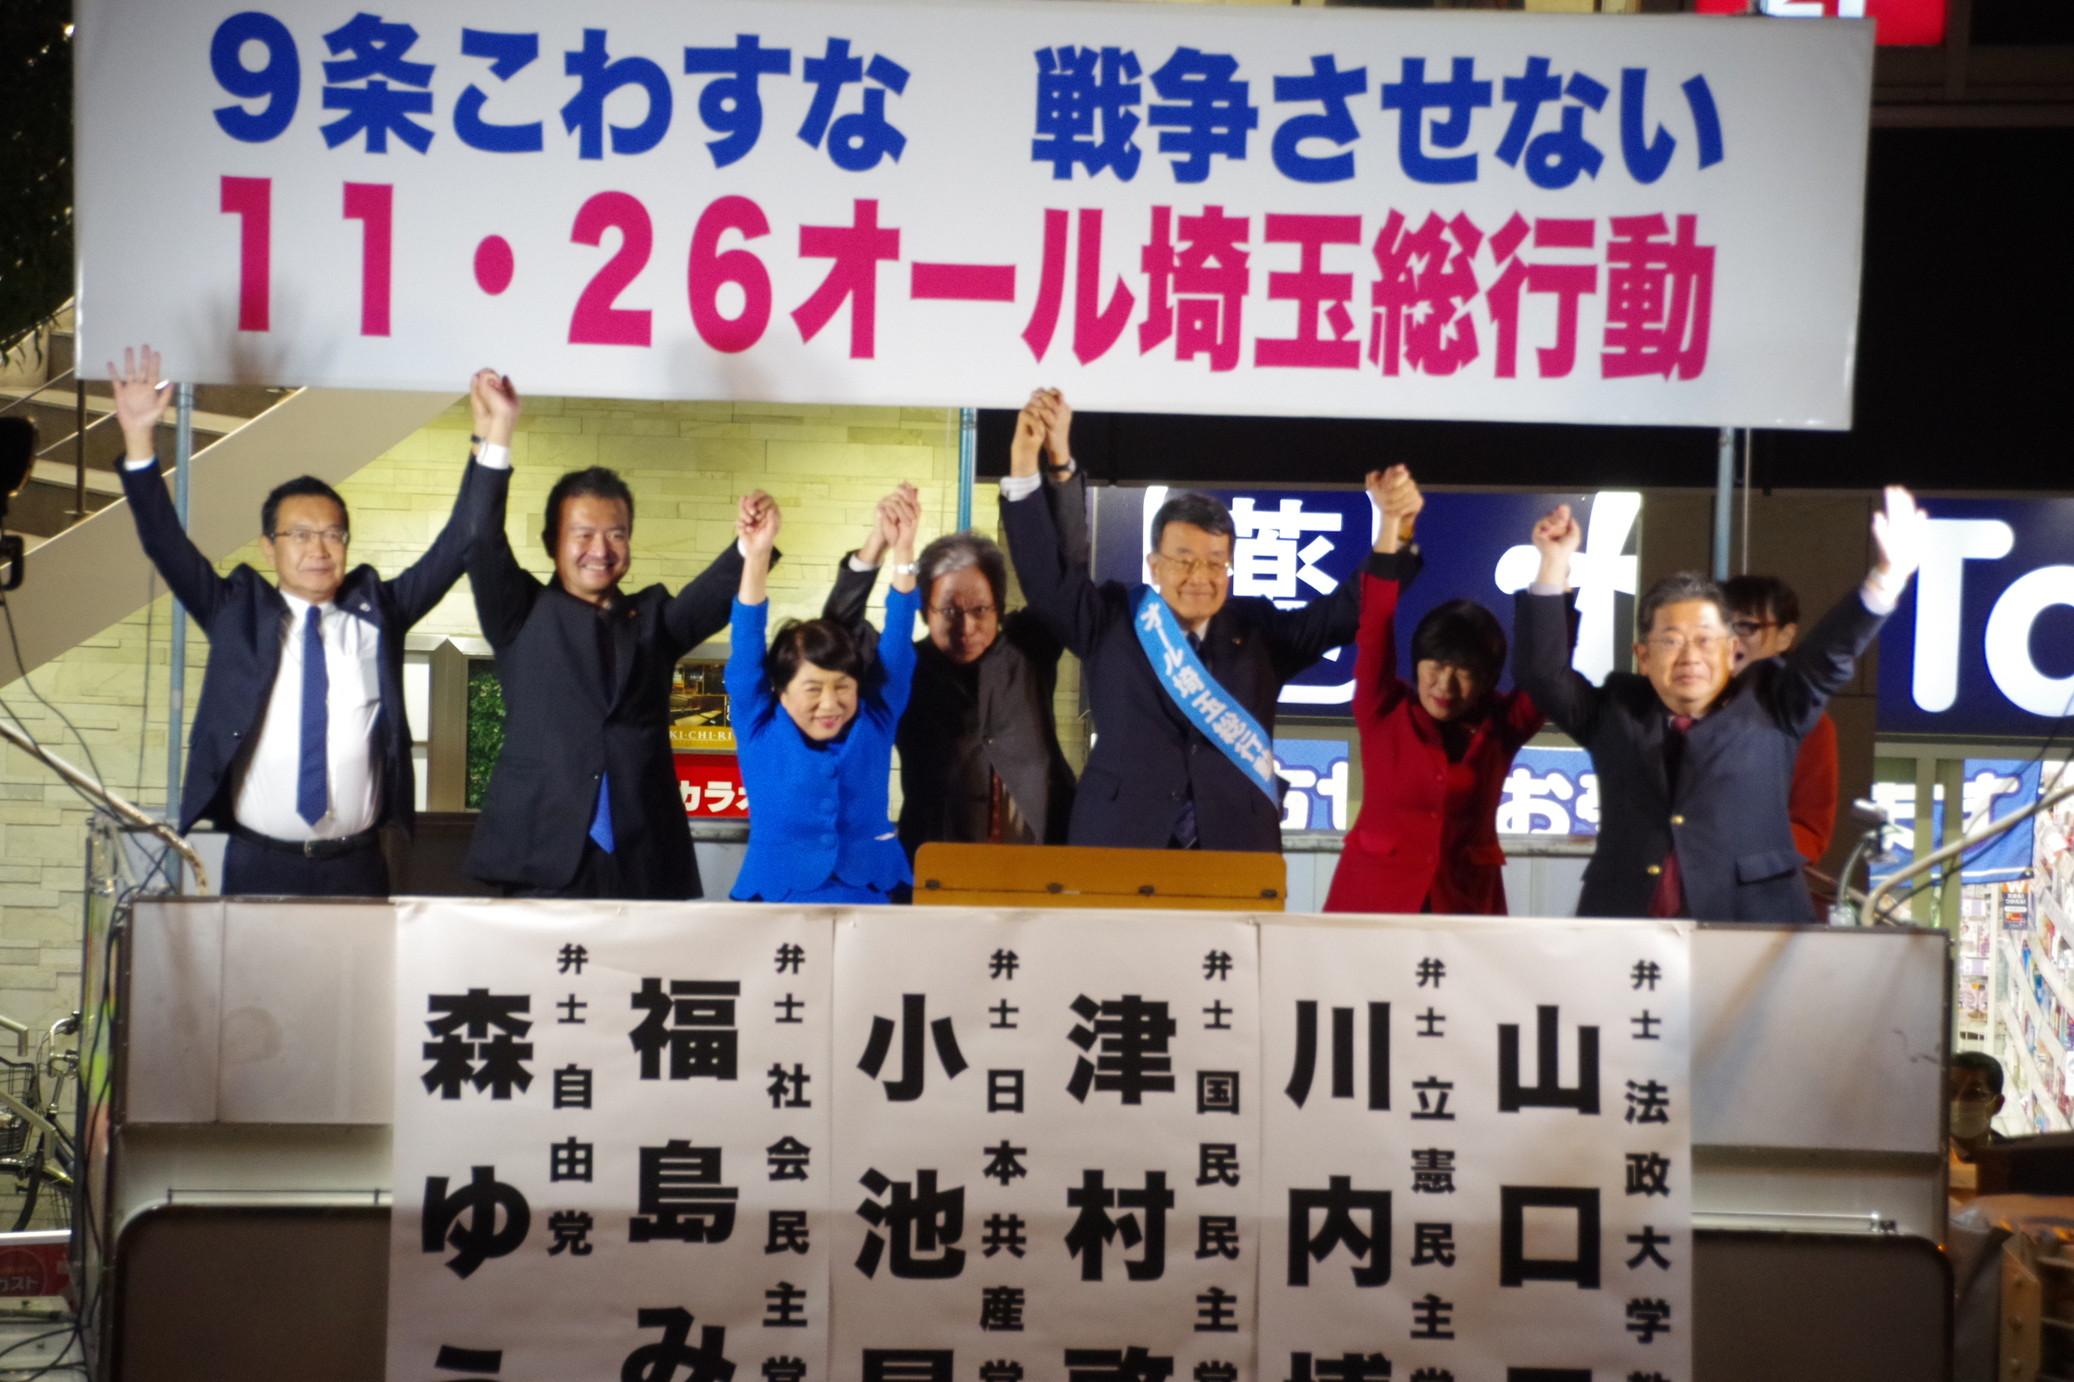 8000人を超える市民が参加ーオール埼玉総行動